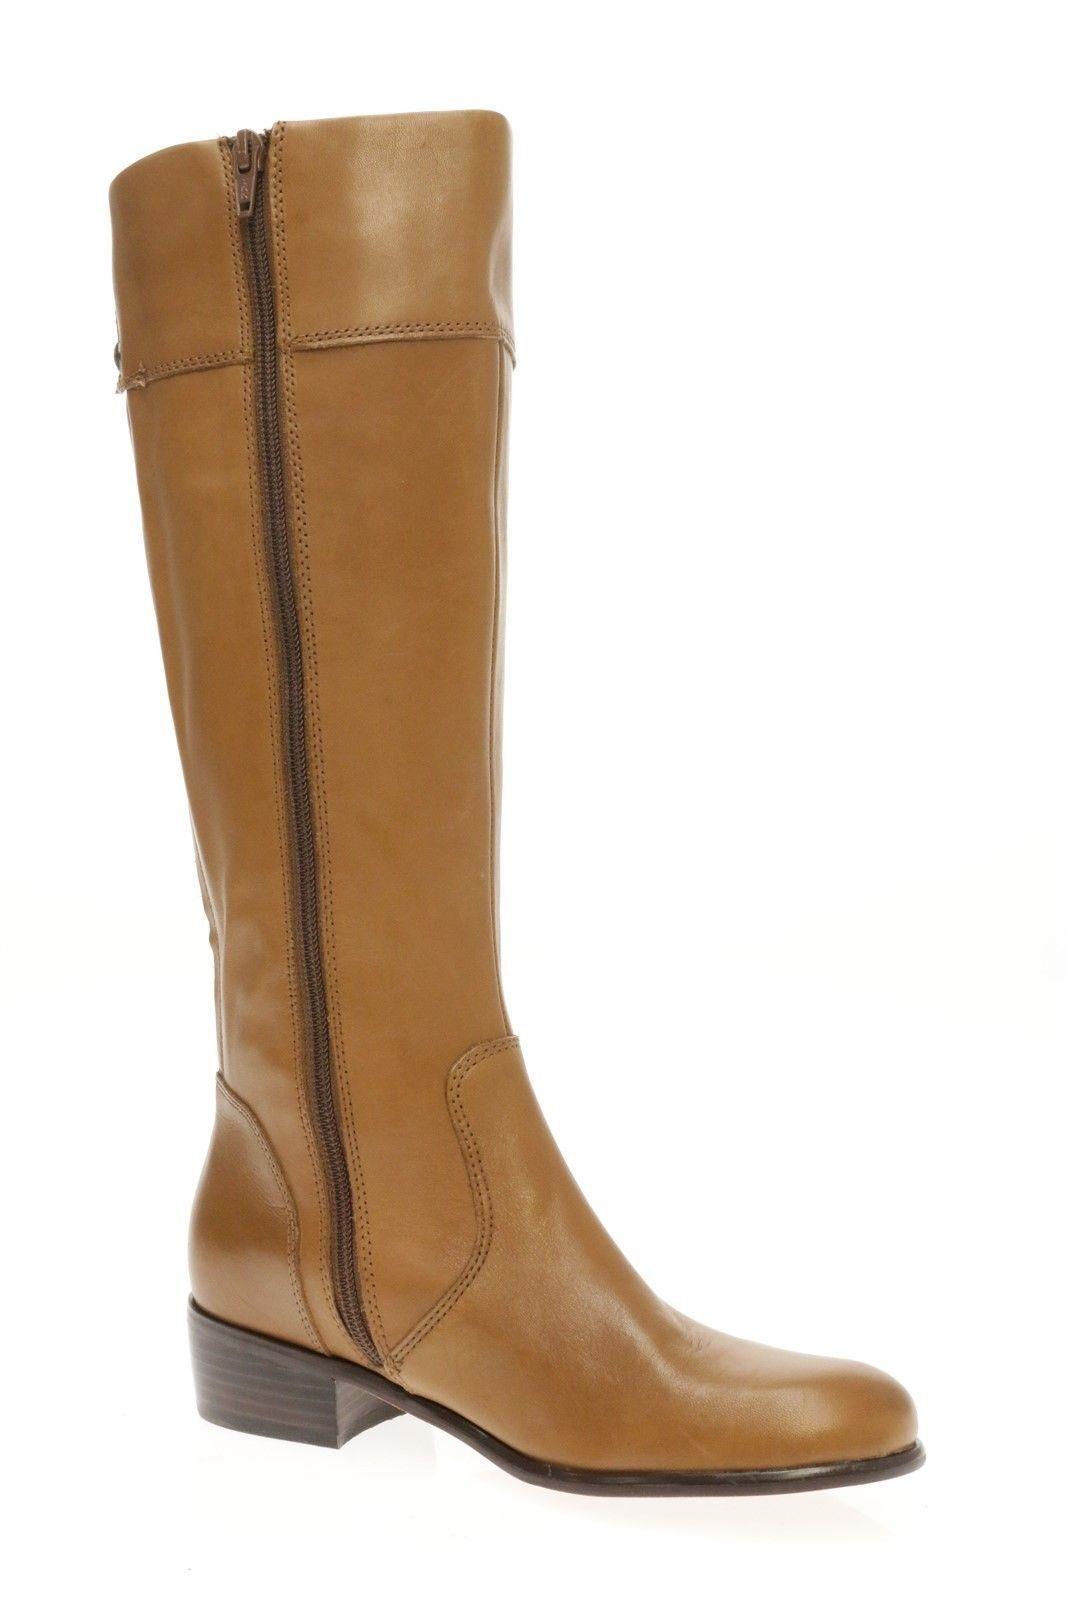 Corso como para mujeres rodilla Cuero Marrón Bronceado la rodilla mujeres Botas altas Zapatos 3a75e5